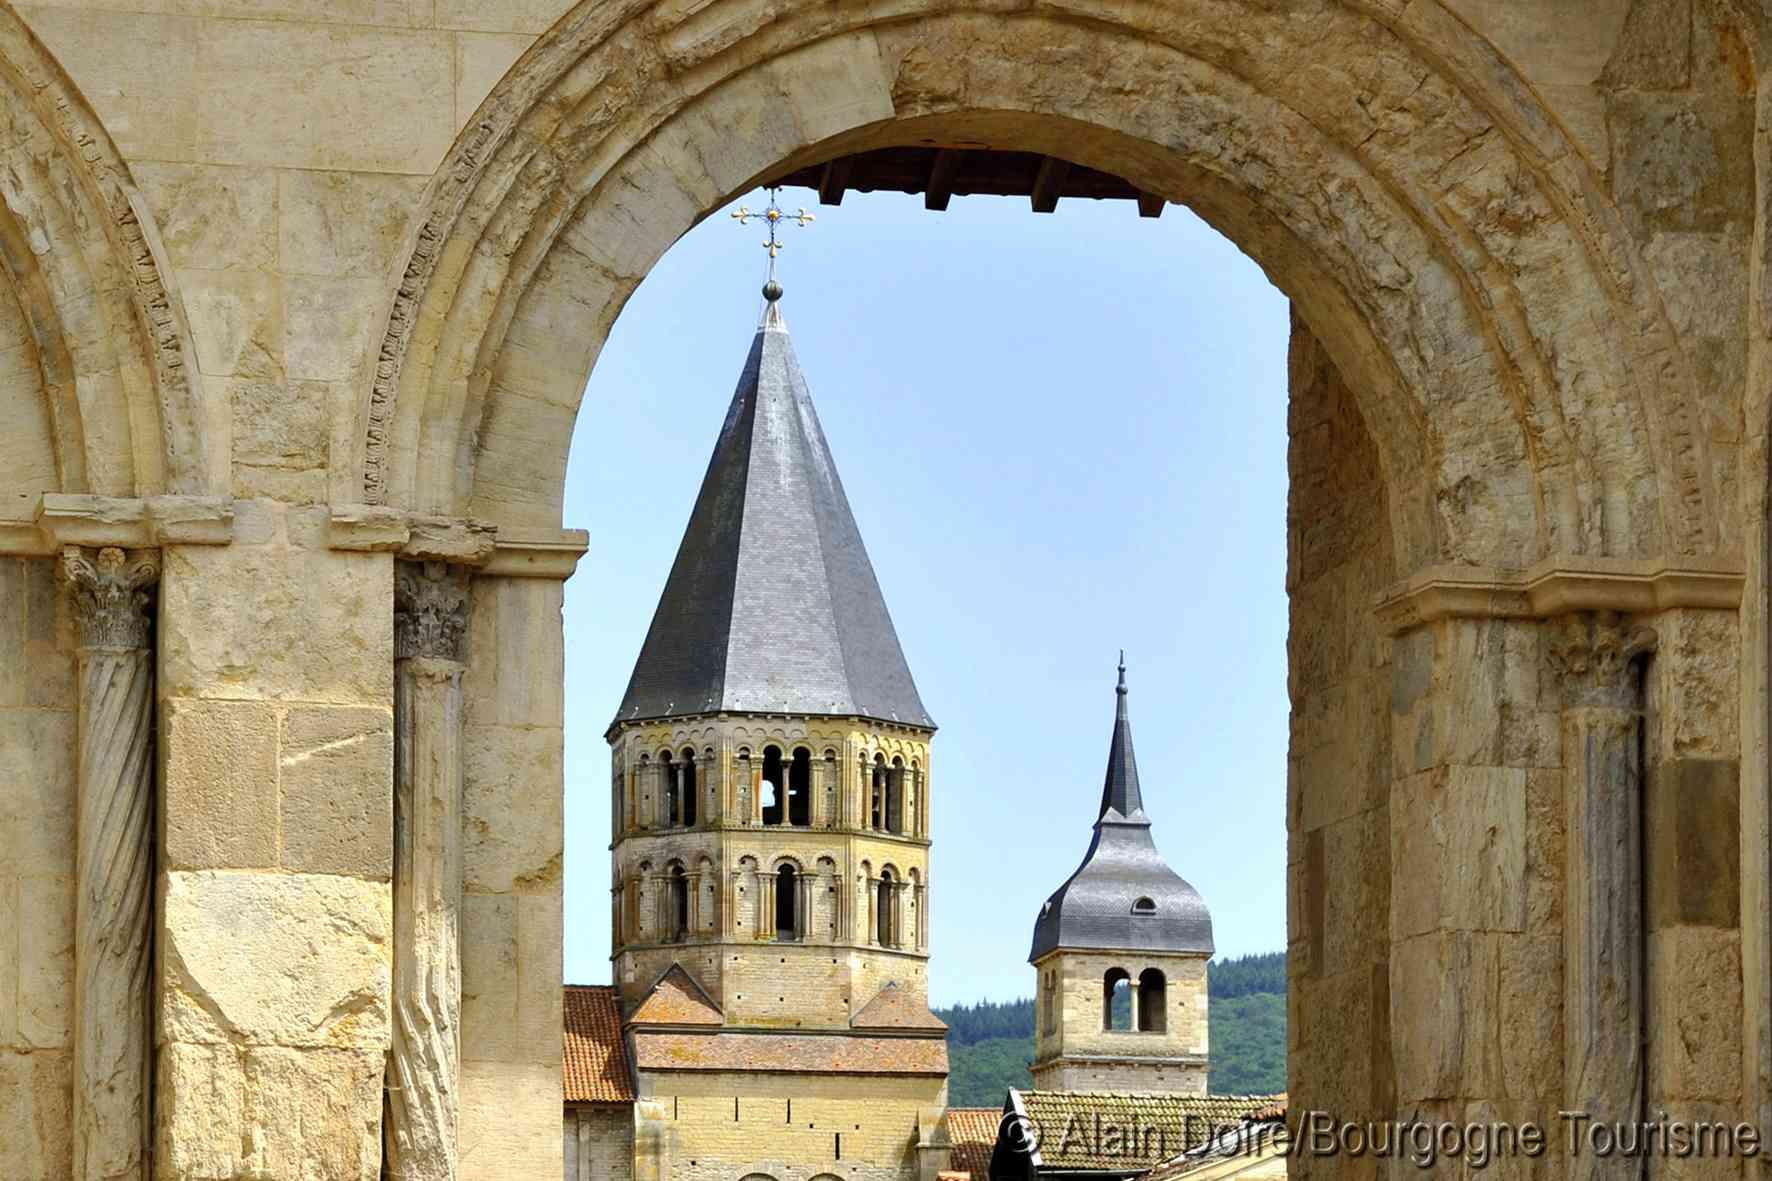 Cluny Abbey in Burgundy